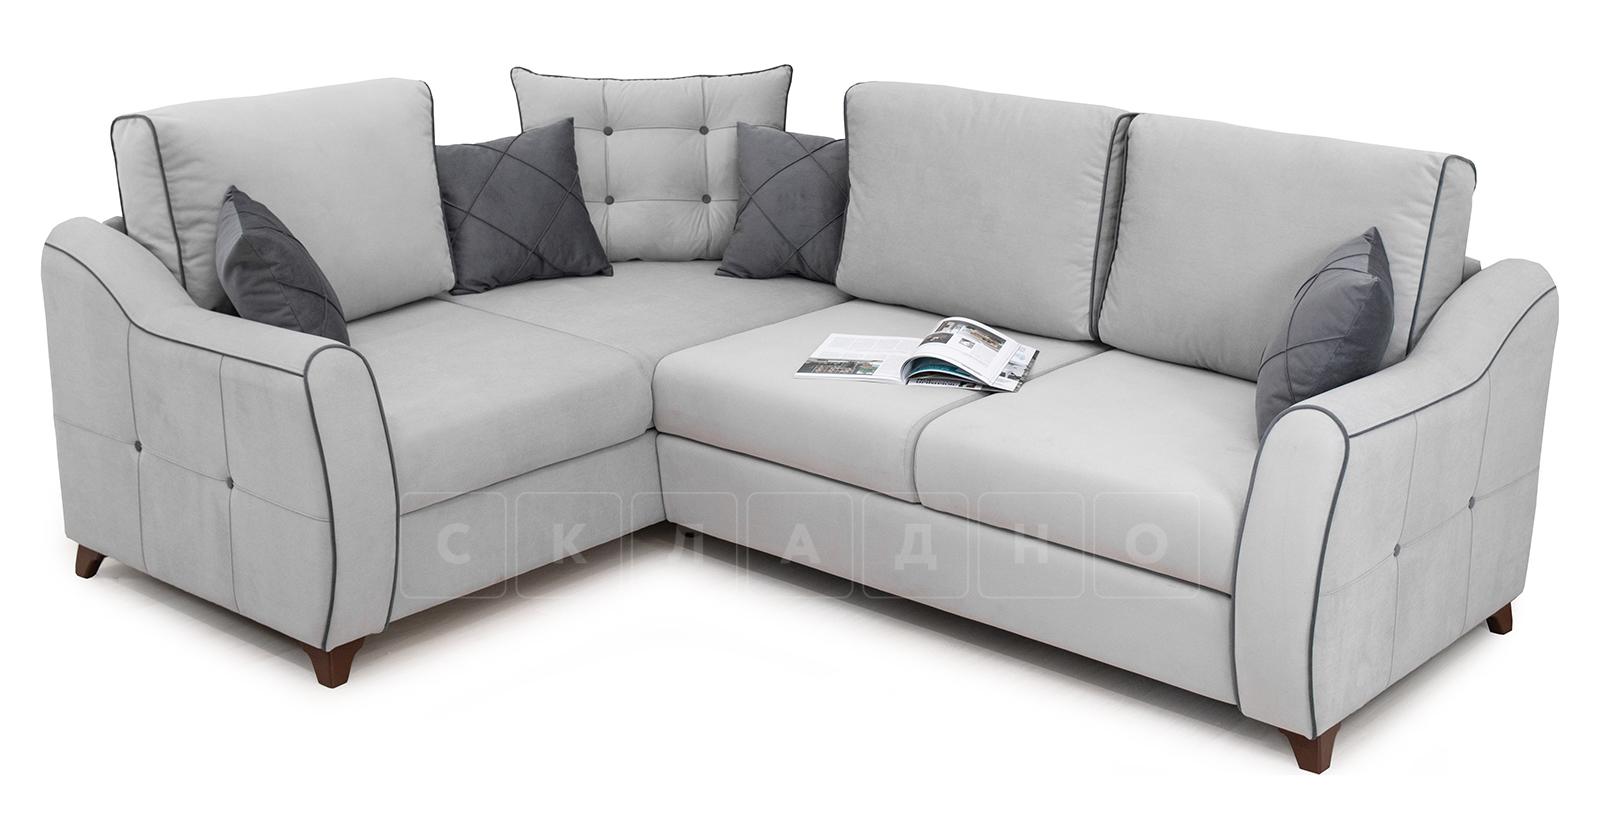 Диван-кровать угловой Флэтфорд светло-серый фото 7 | интернет-магазин Складно